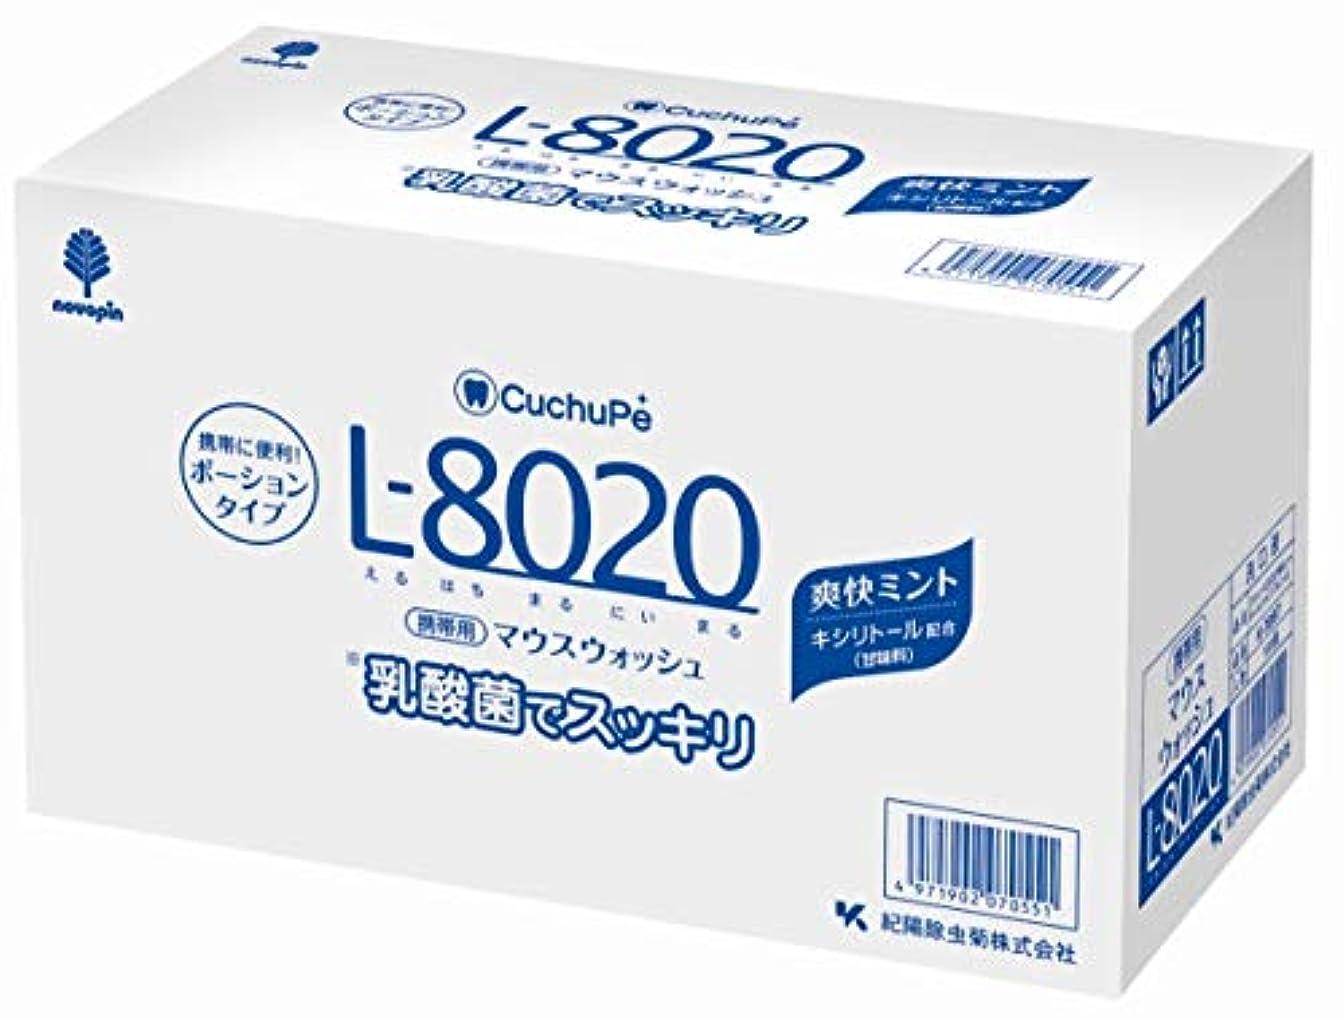 メール体操選手守る日本製 made in japan クチュッペL-8020 爽快ミント ポーションタイプ100個入(アルコール) K-7097【まとめ買い10個セット】